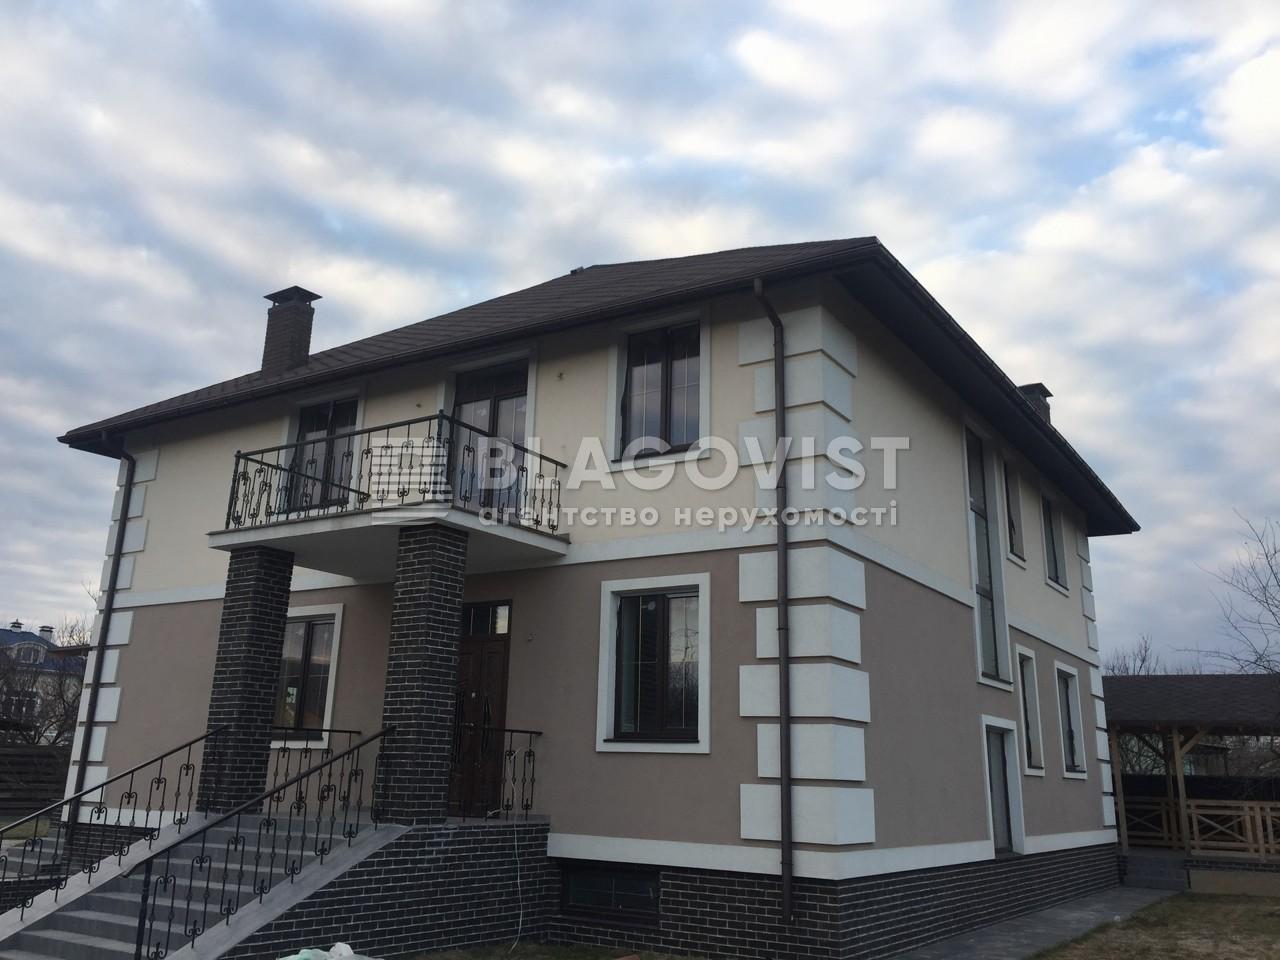 Дом M-38956, Центральная, Киев - Фото 2